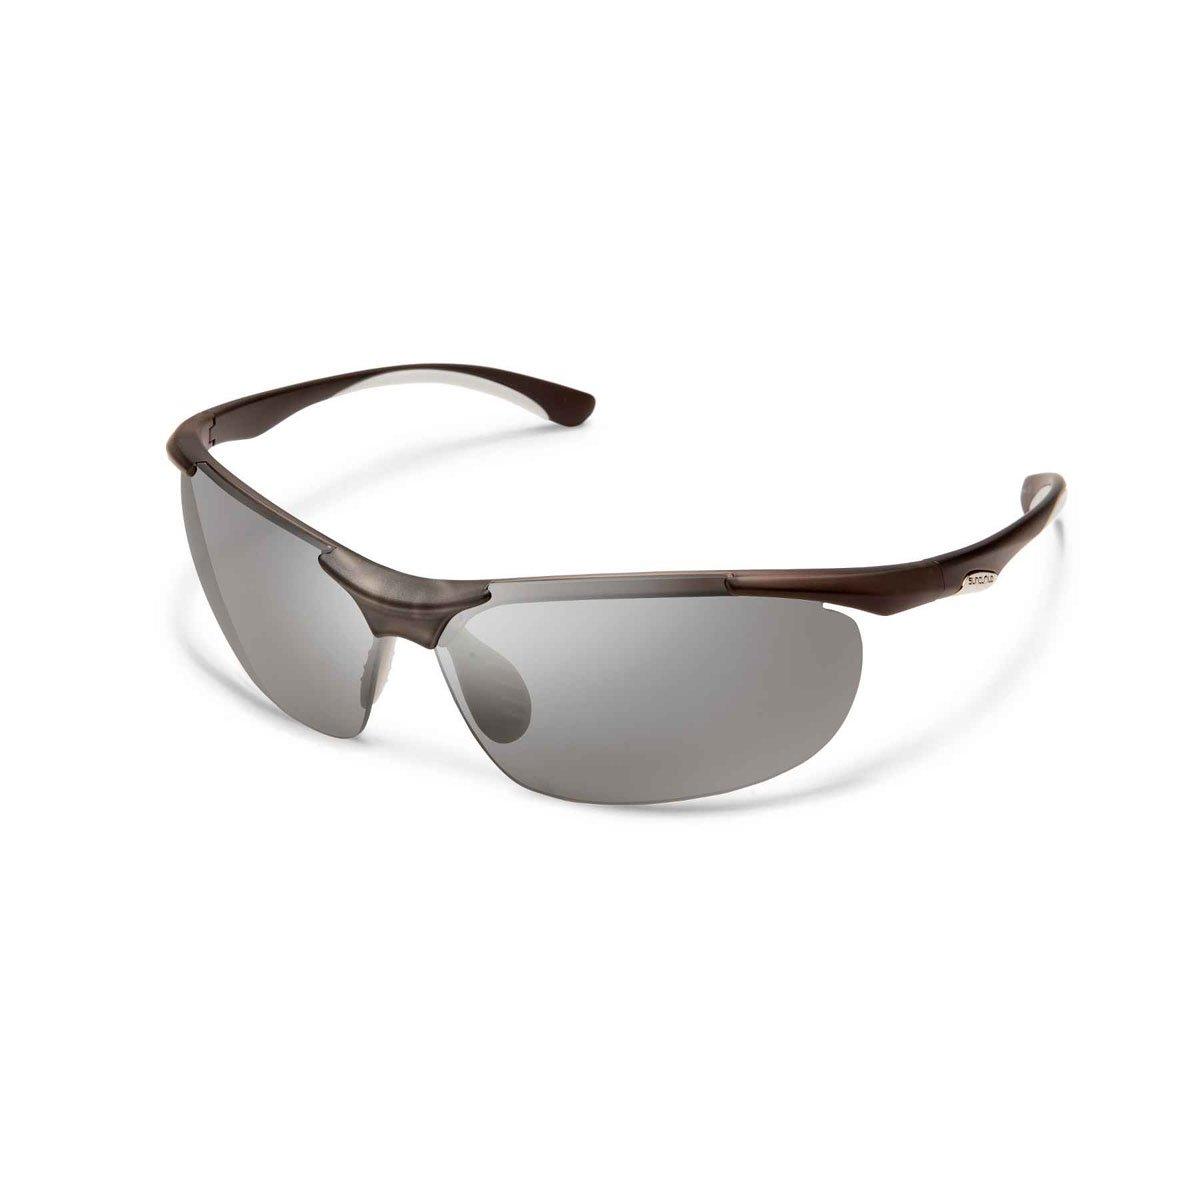 af28c94708a34 Suncloud Optics Adult Whip Polarized Sunglasses - Matte Smoke Photochromic   Amazon.co.uk  Clothing